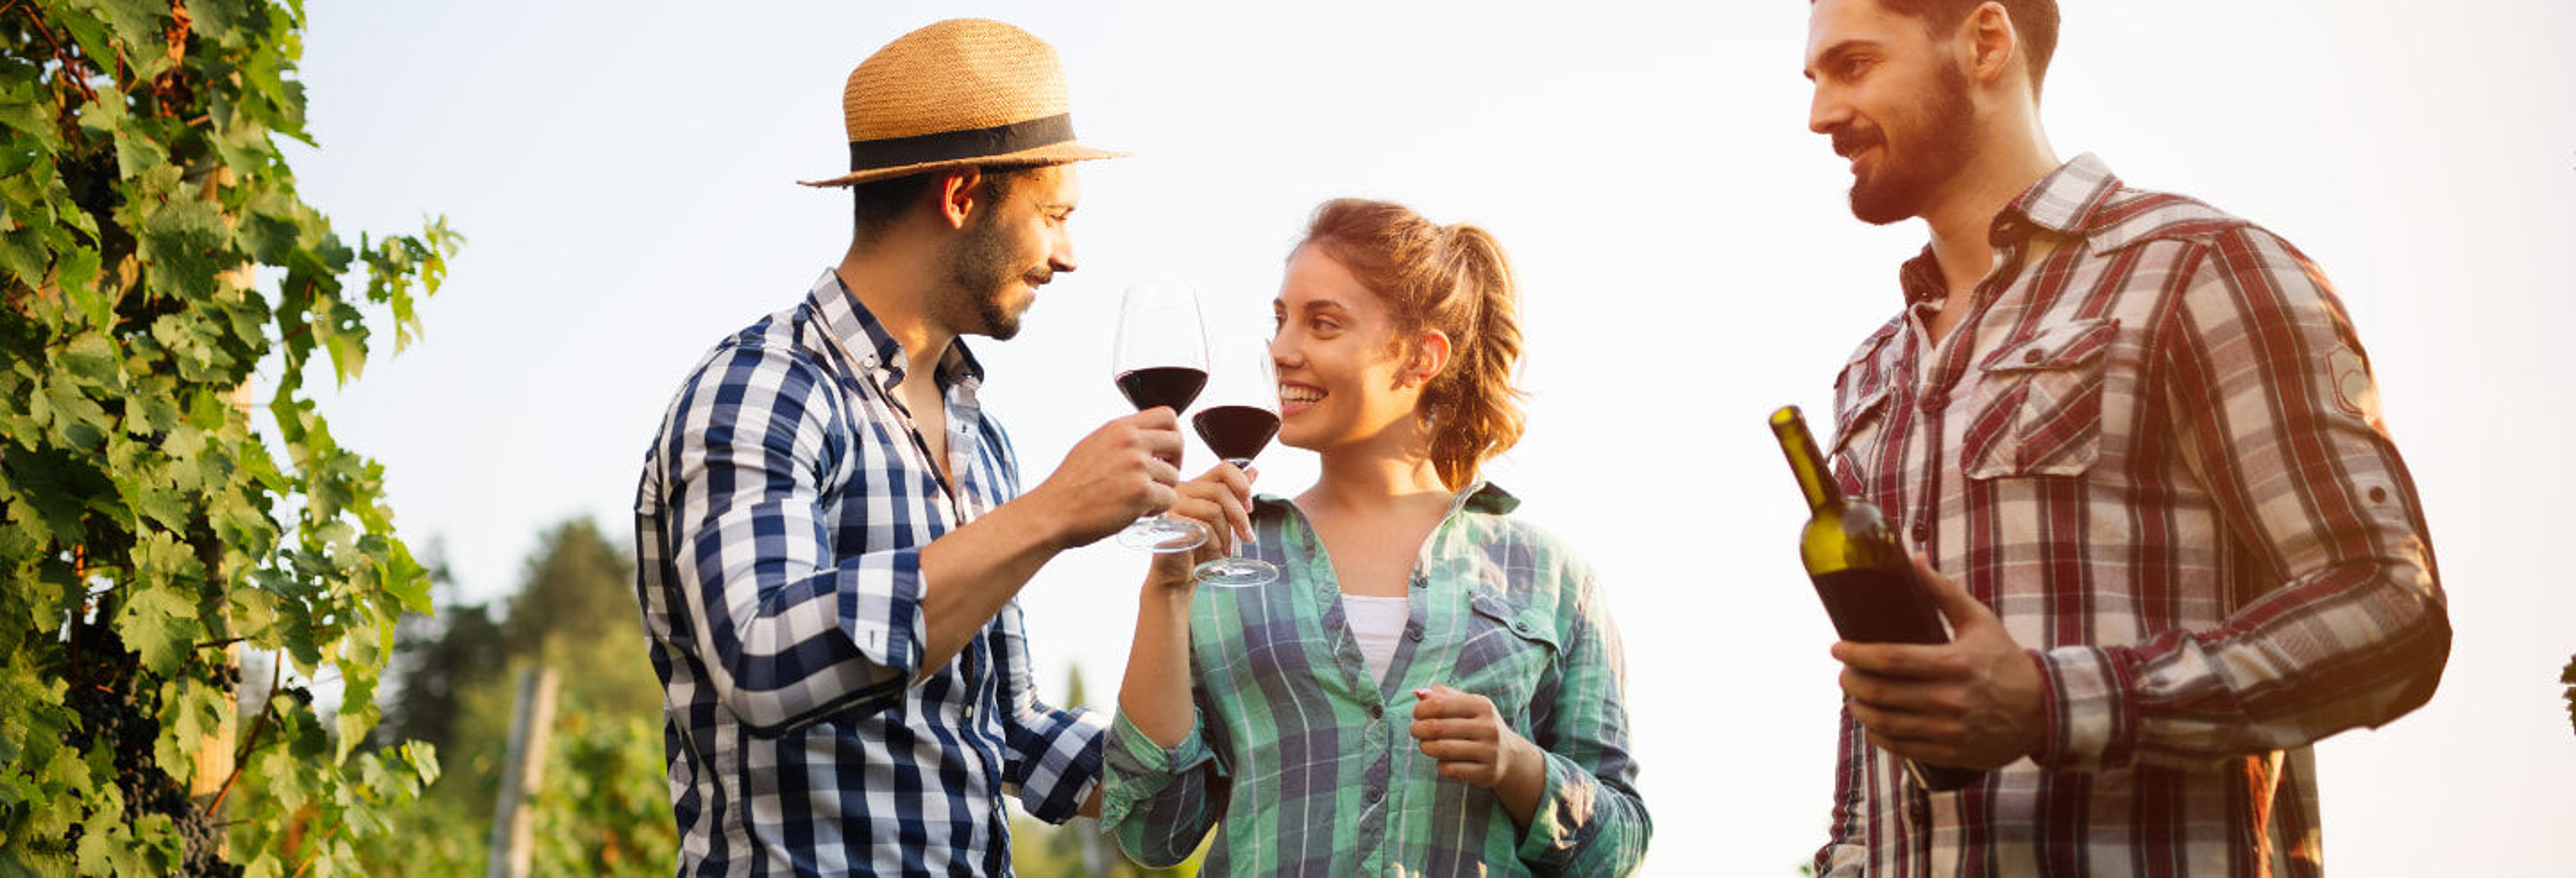 Visite à la découverte des vins uruguayens